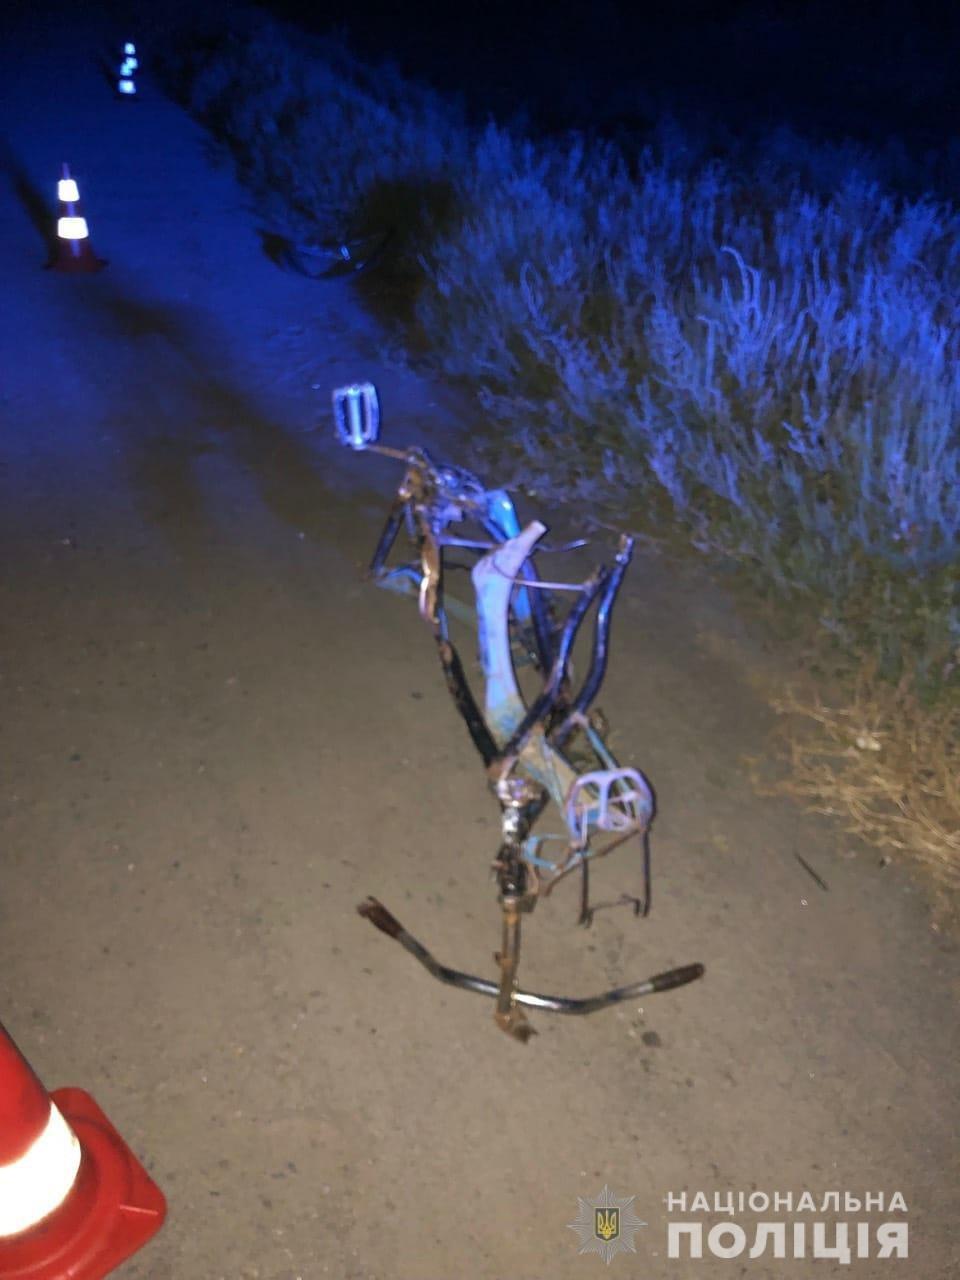 На Харьковщине «ВАЗ» наехал на велосипедиста и перевернулся: есть жертва, - ФОТО, фото-3